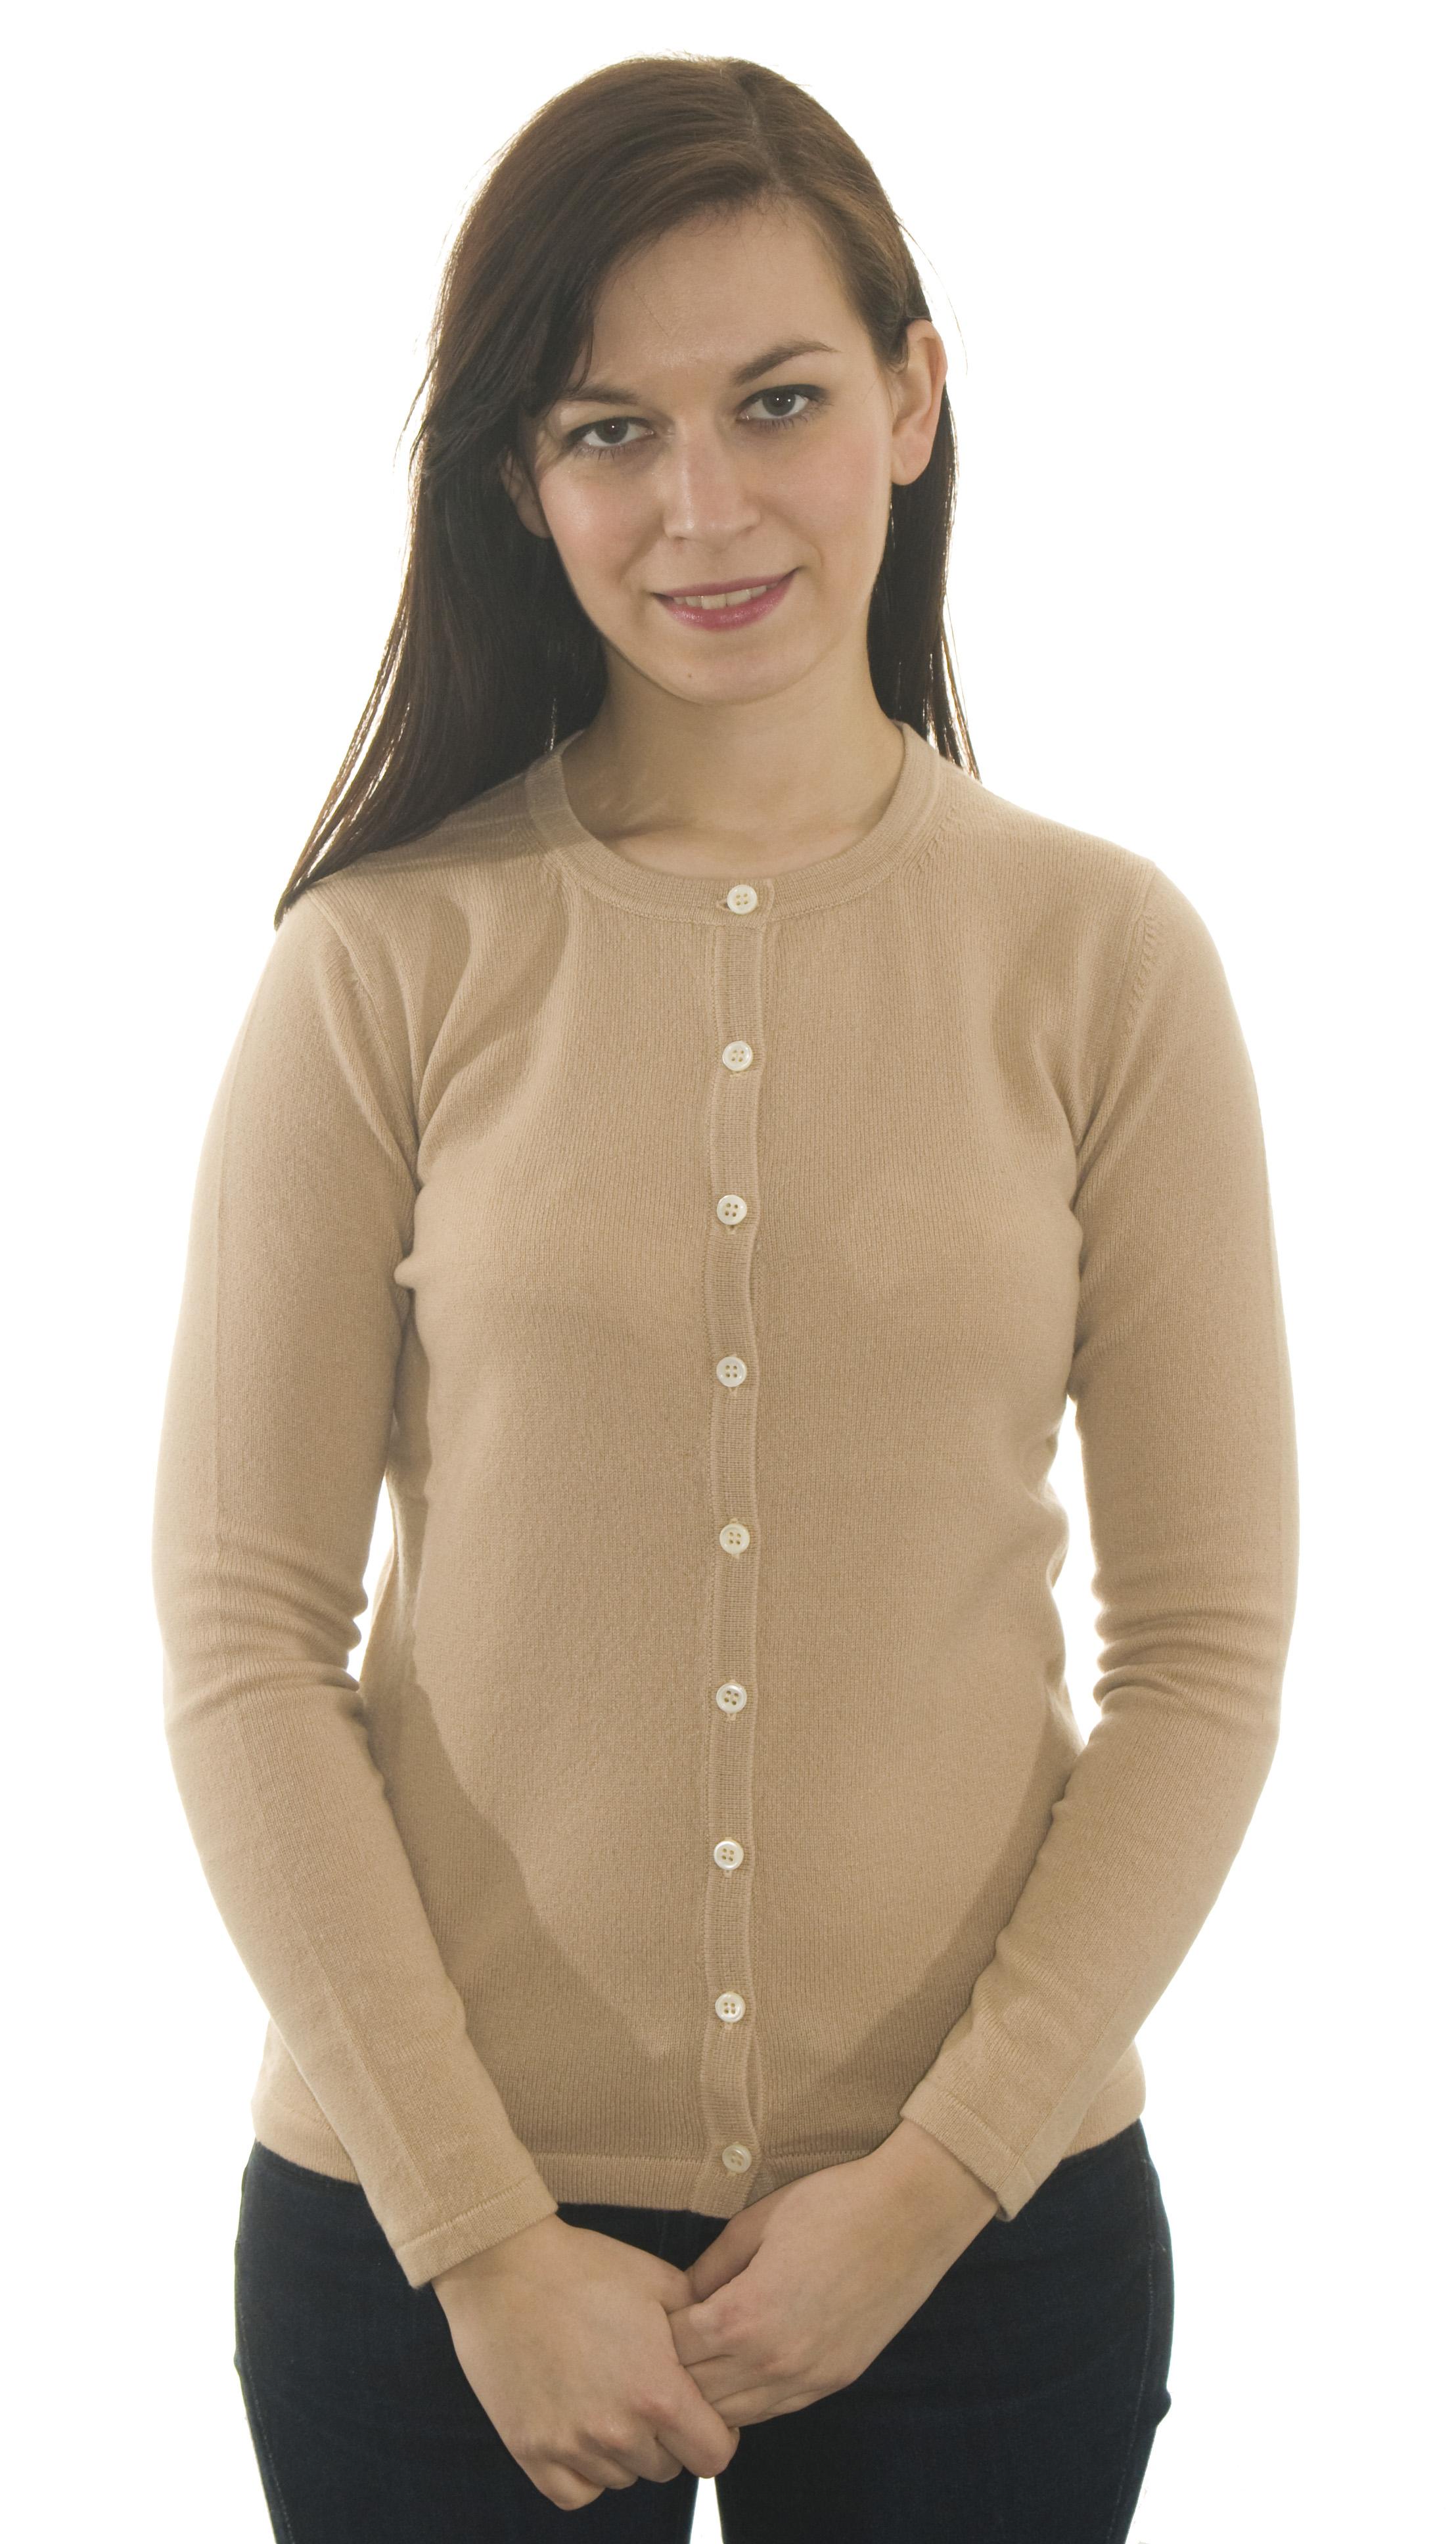 Dámský kašmírový svetr s okrouhlým výstřihem a ... 3019bd0f66